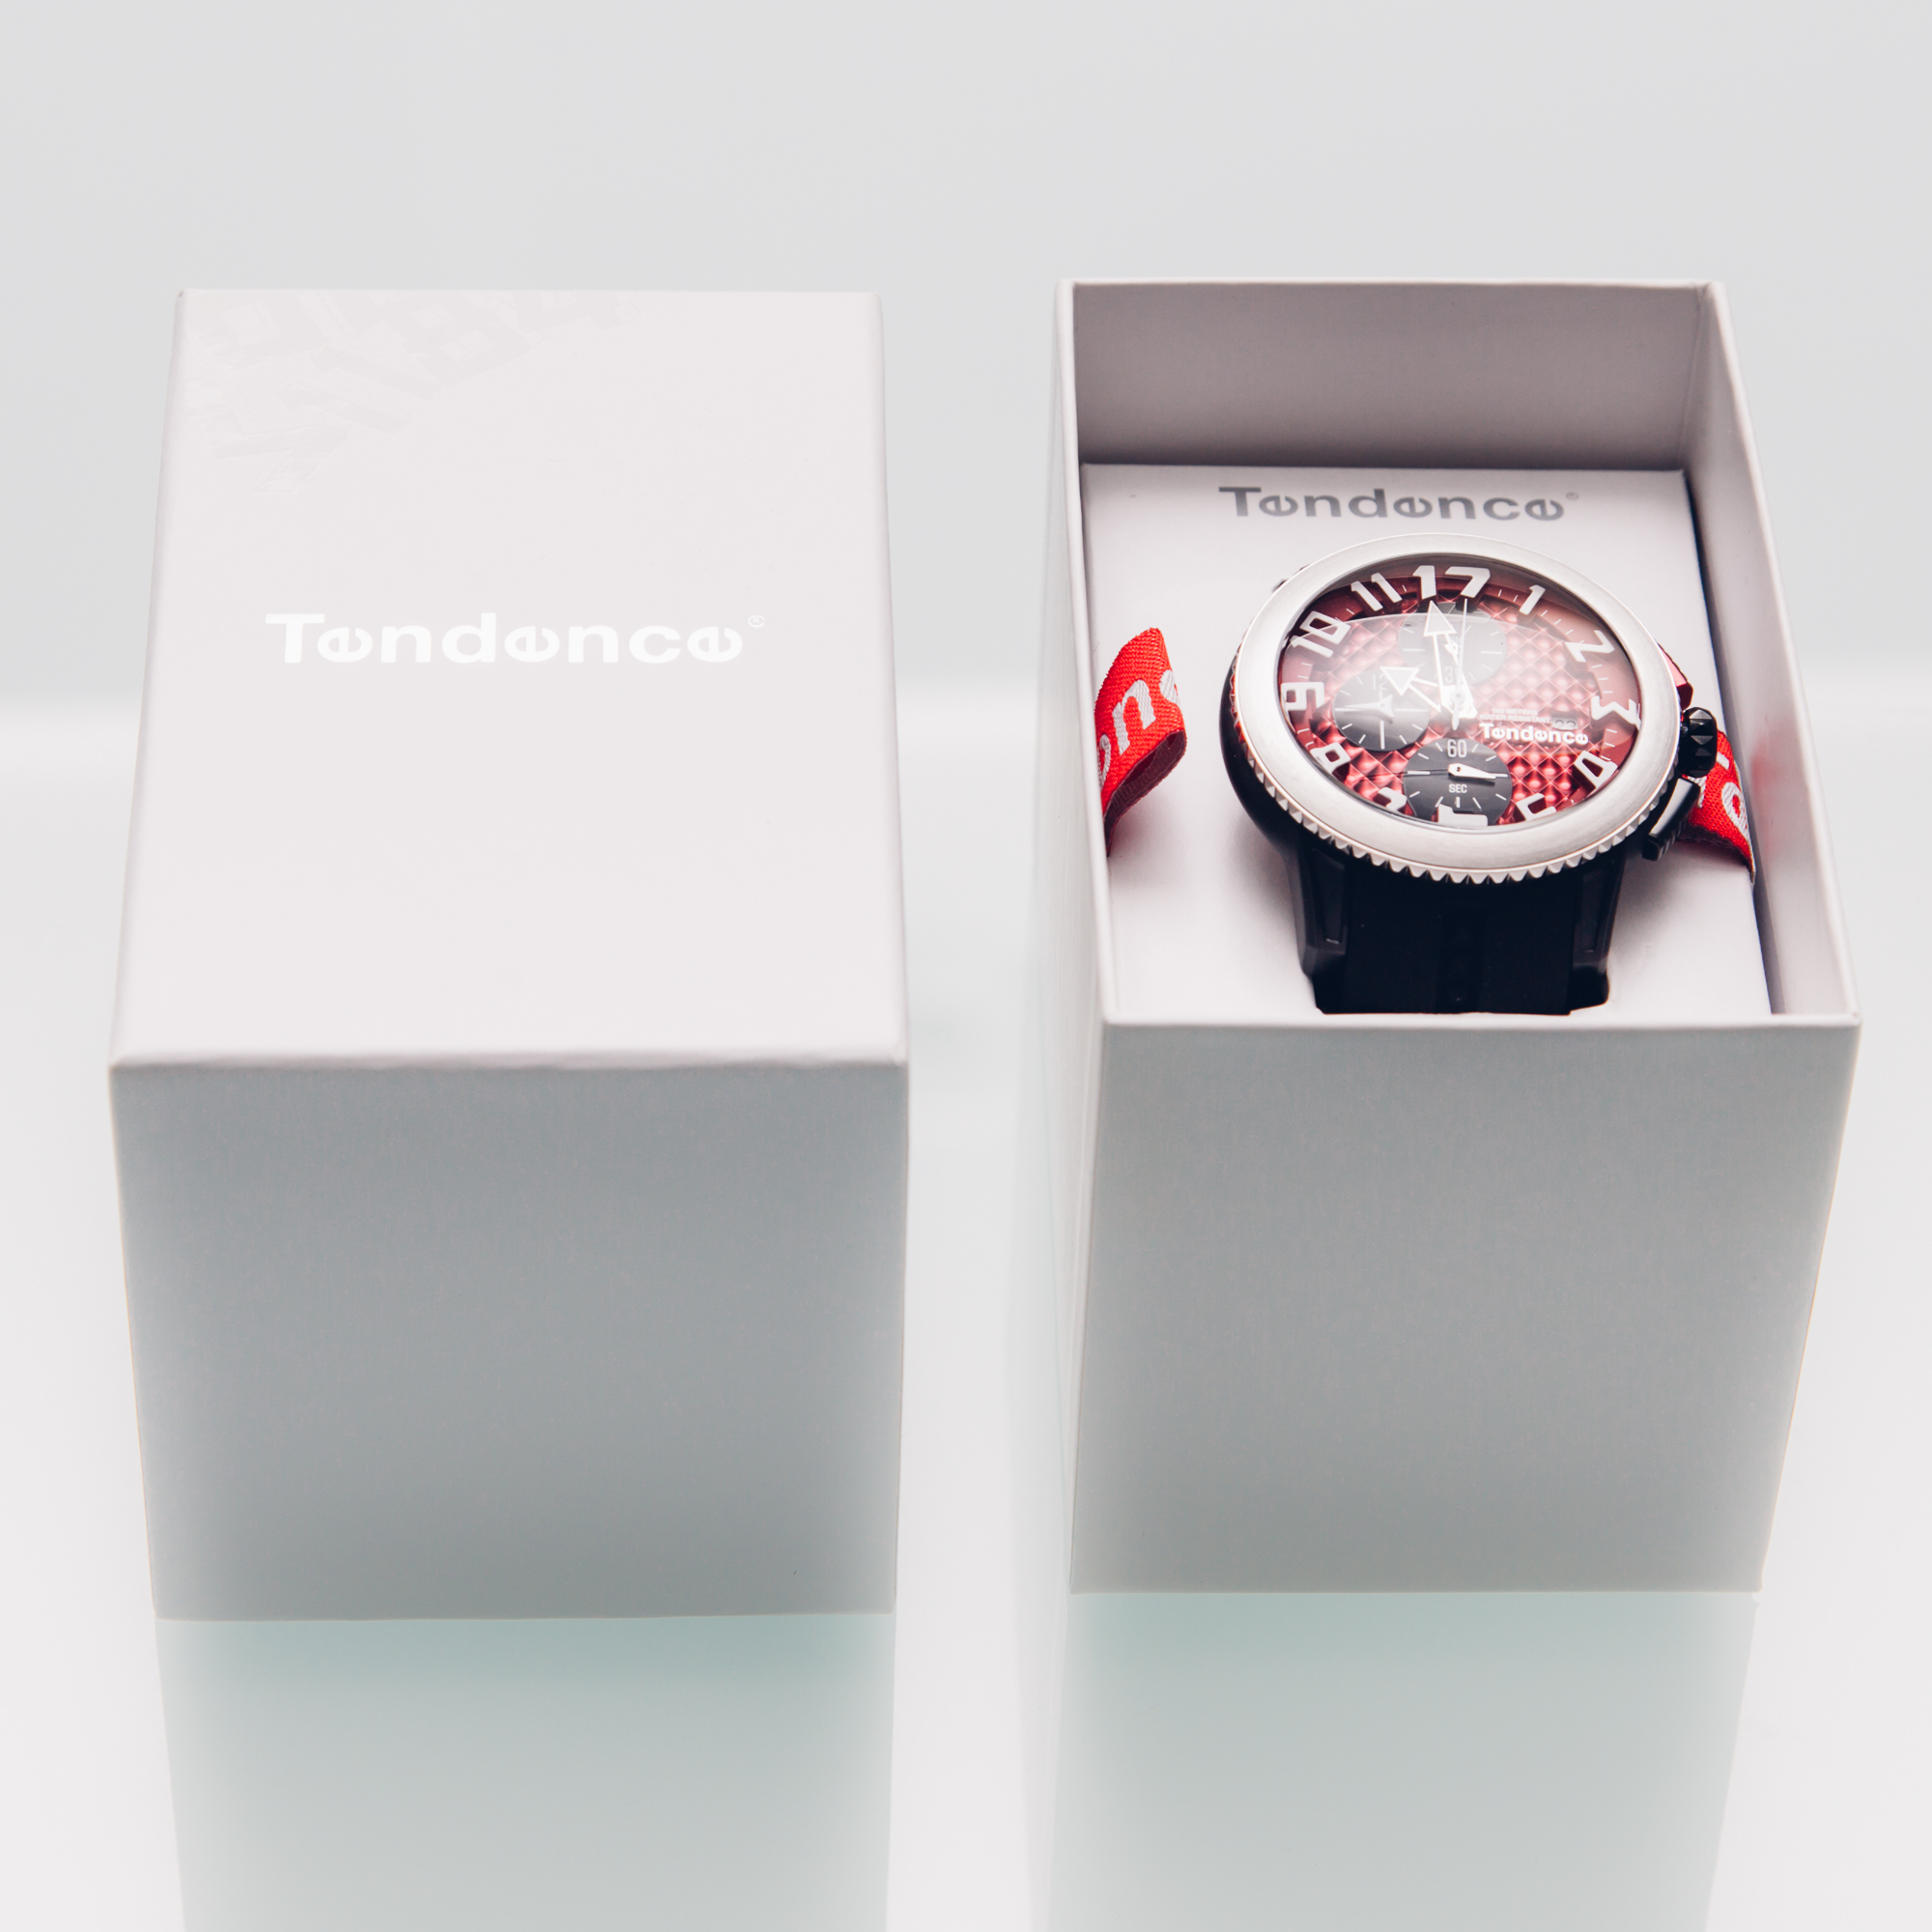 【売約済】JOY様腕時計